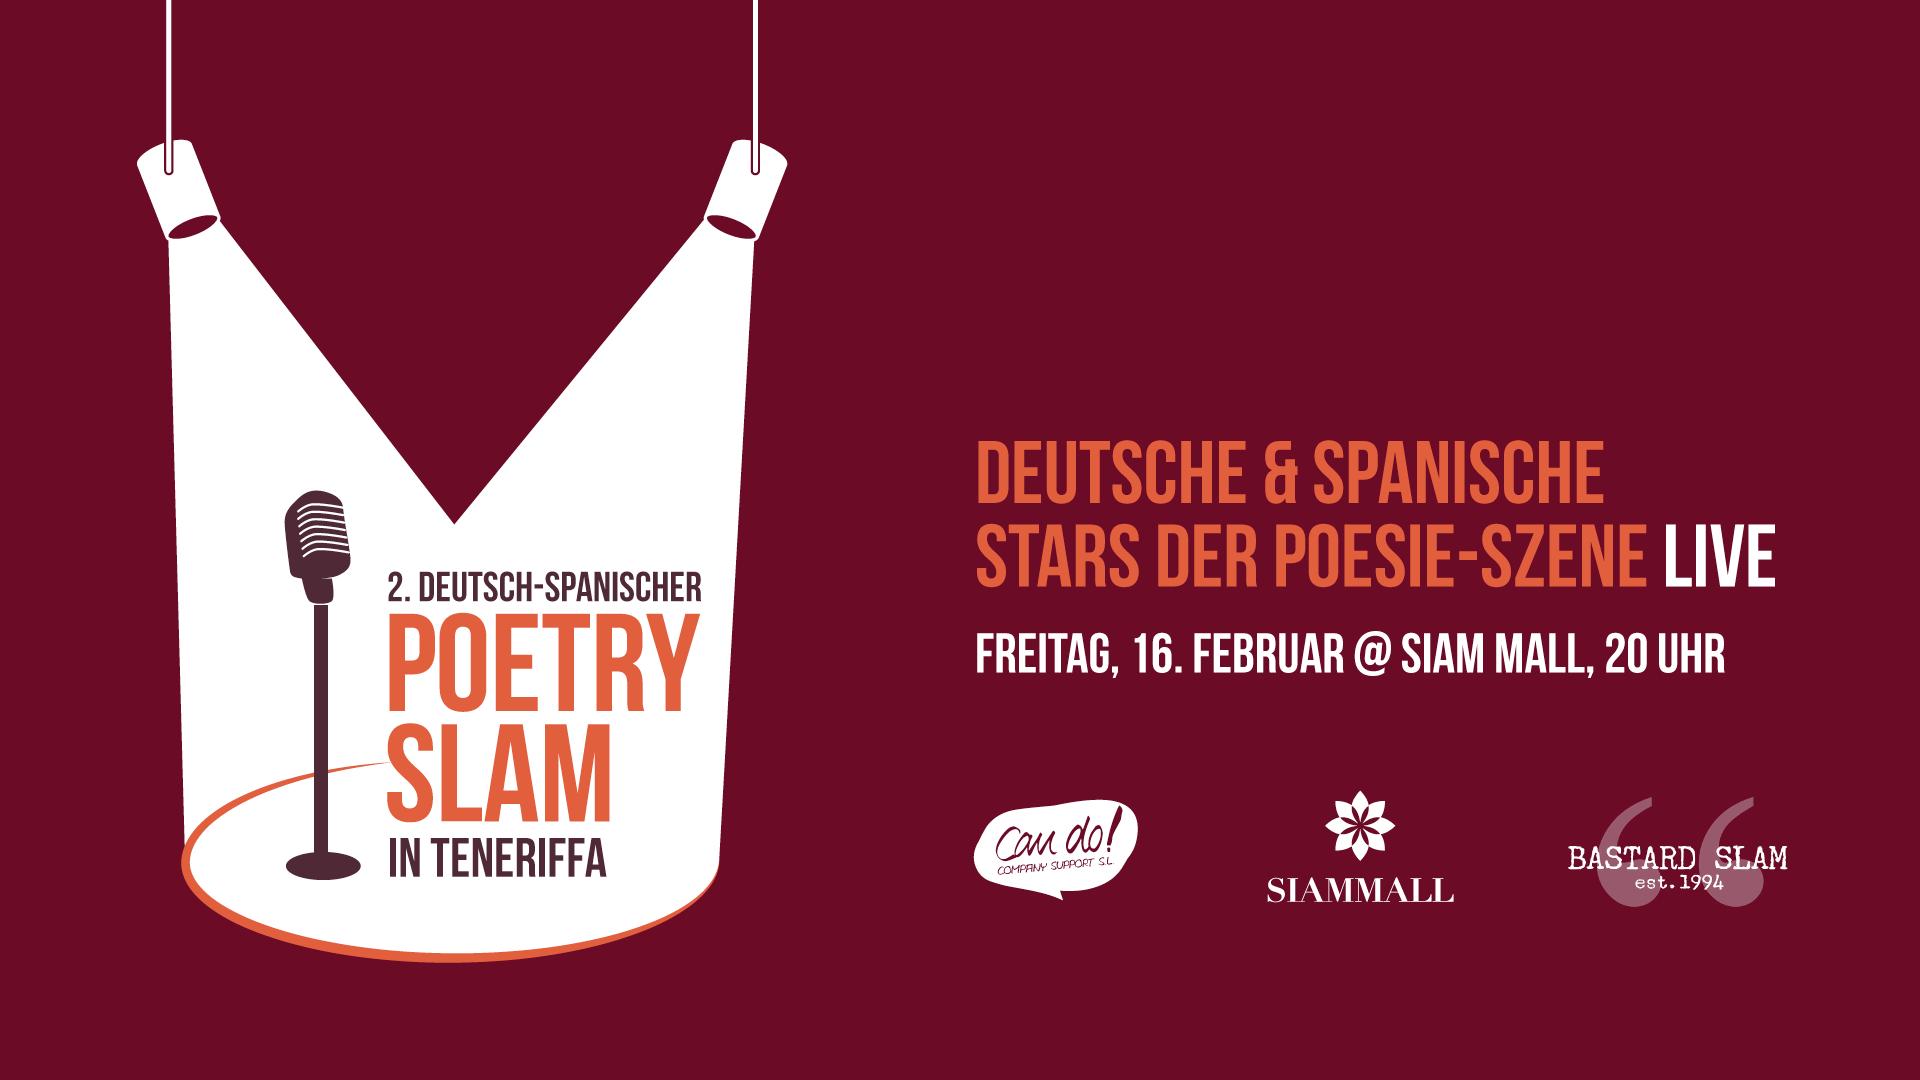 2. Deutsch-Spanischer Poetry Slam in Teneriffa - 16 FEB 2018